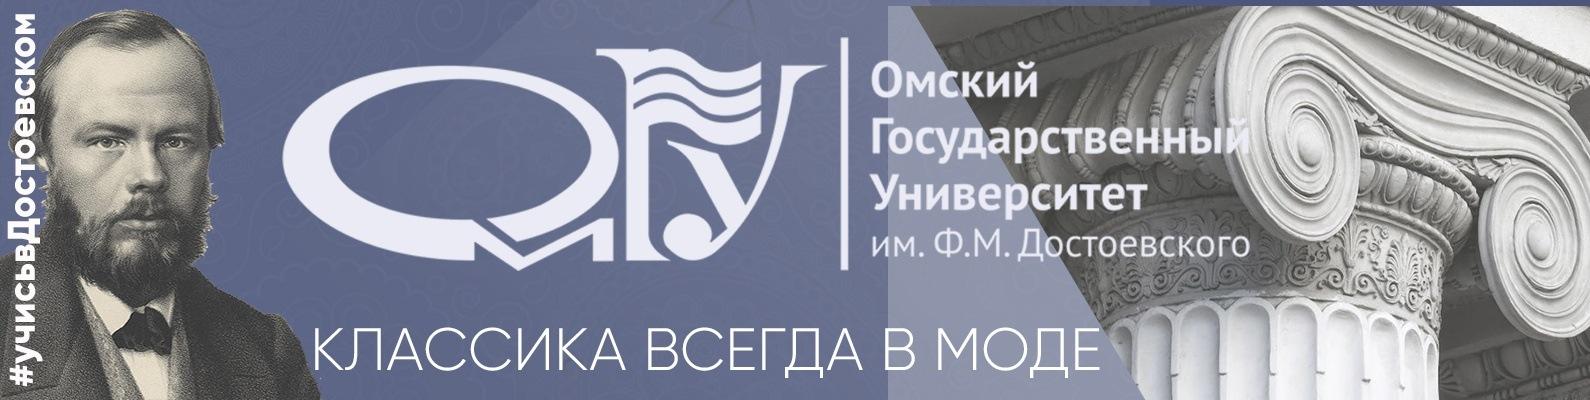 Бухгалтерия омгу им достоевского декларация 3 ндфл за 2019 год в экселе